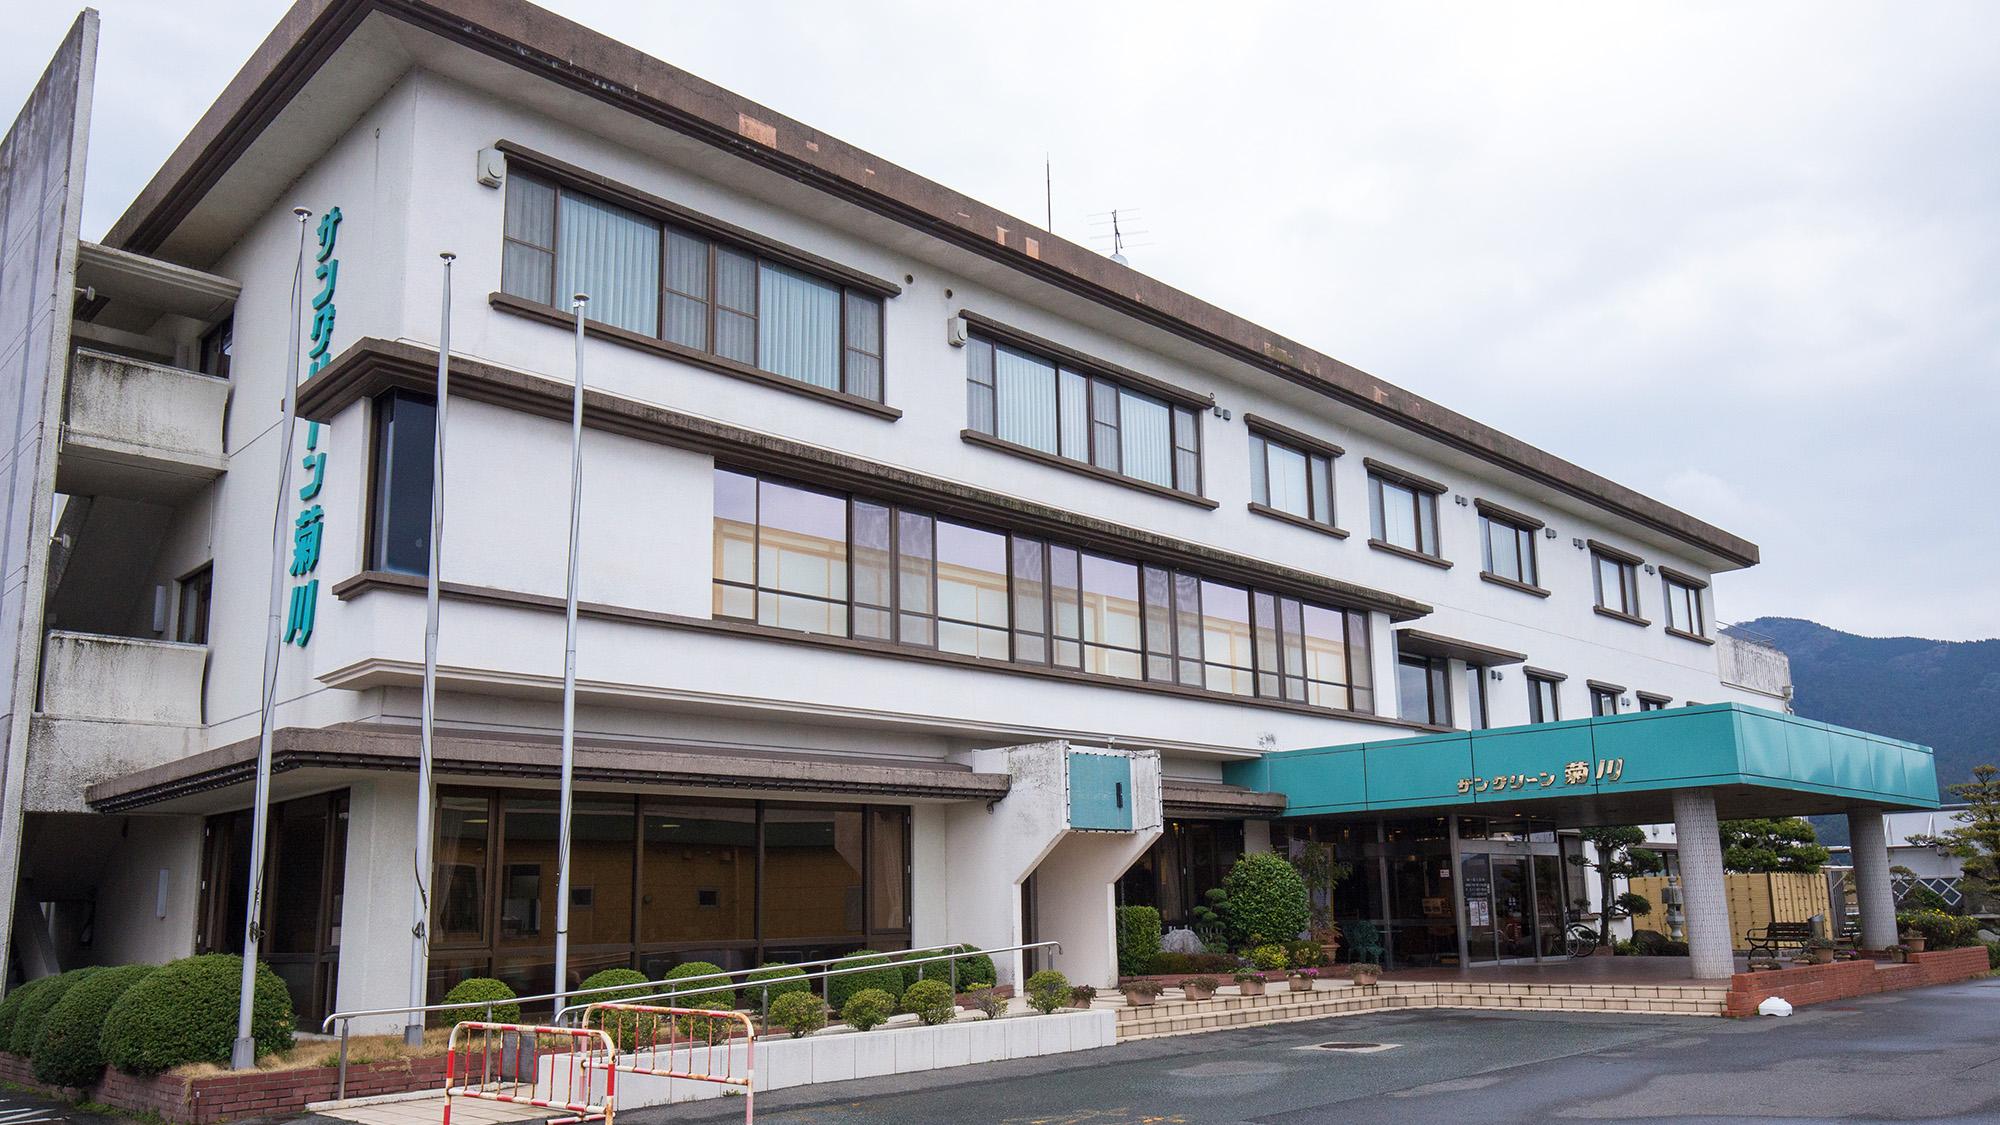 下関市営宿舎 サングリーン菊川